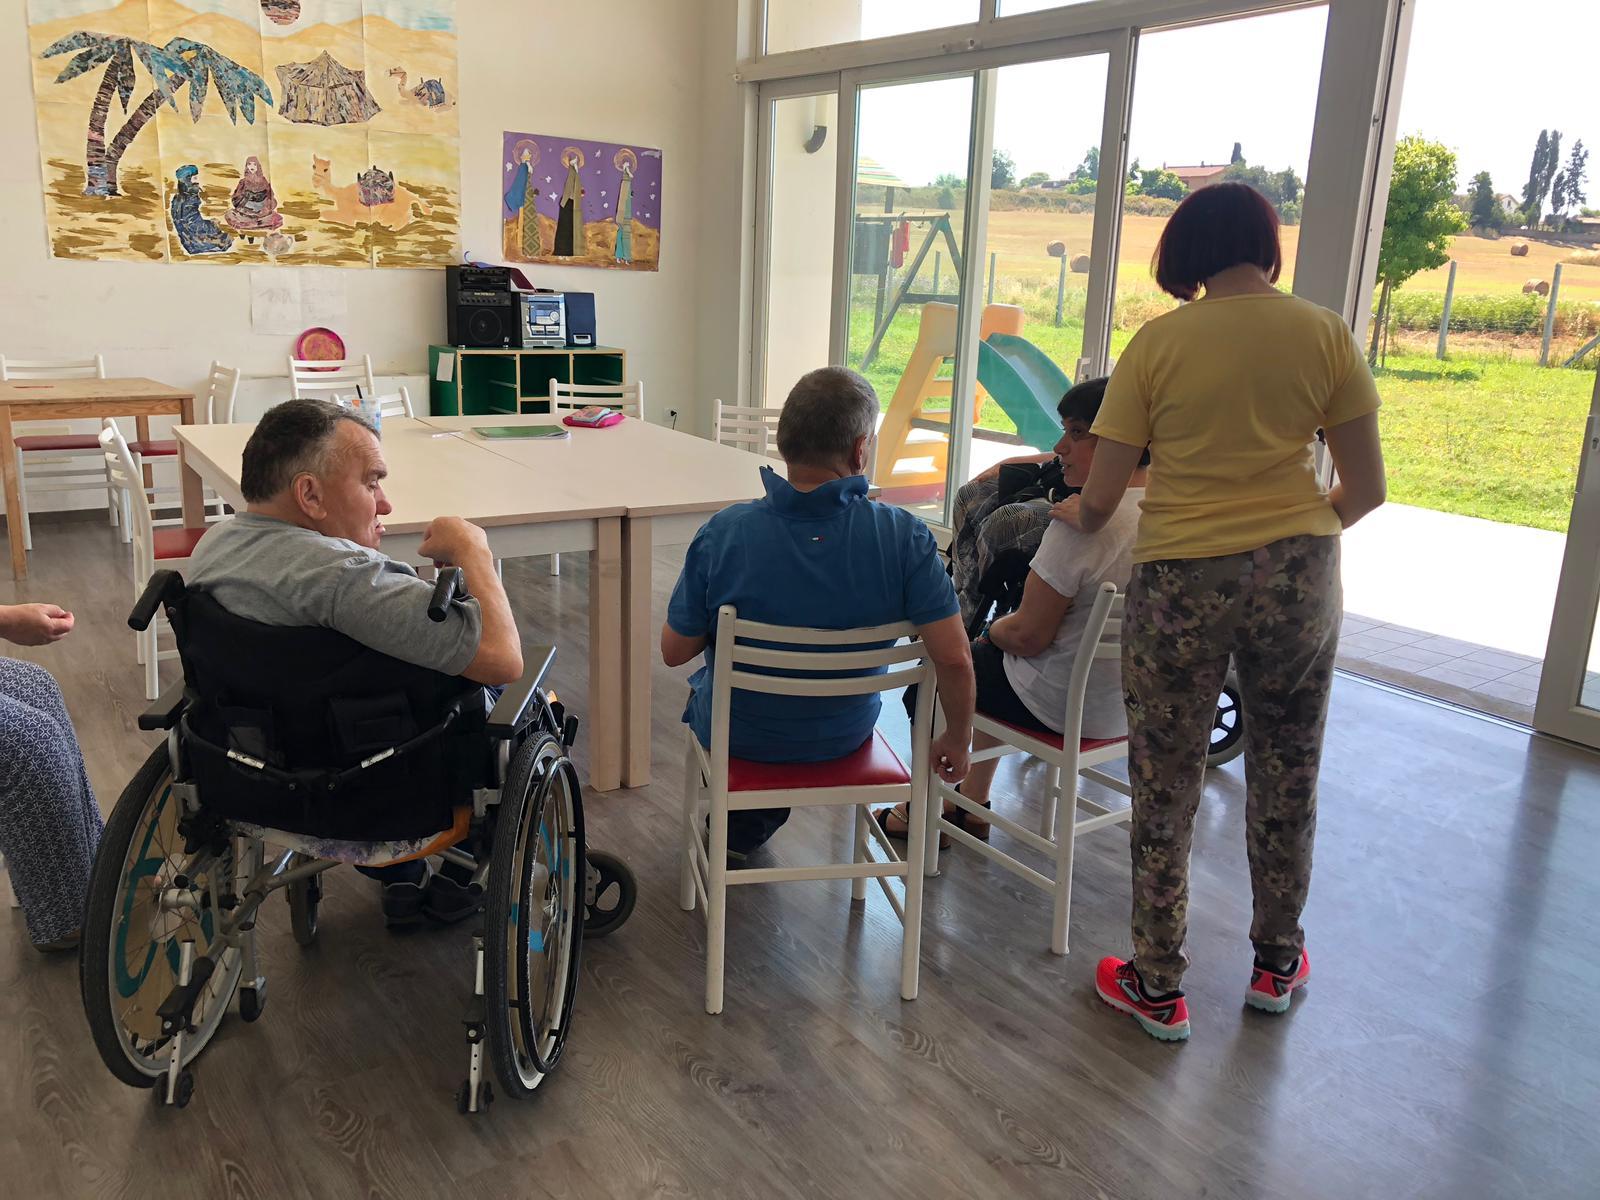 Anguillara – L'ultimatum del Comune getta nella disperazione le famiglie con disabili gravi. Taglio drastico al servizio